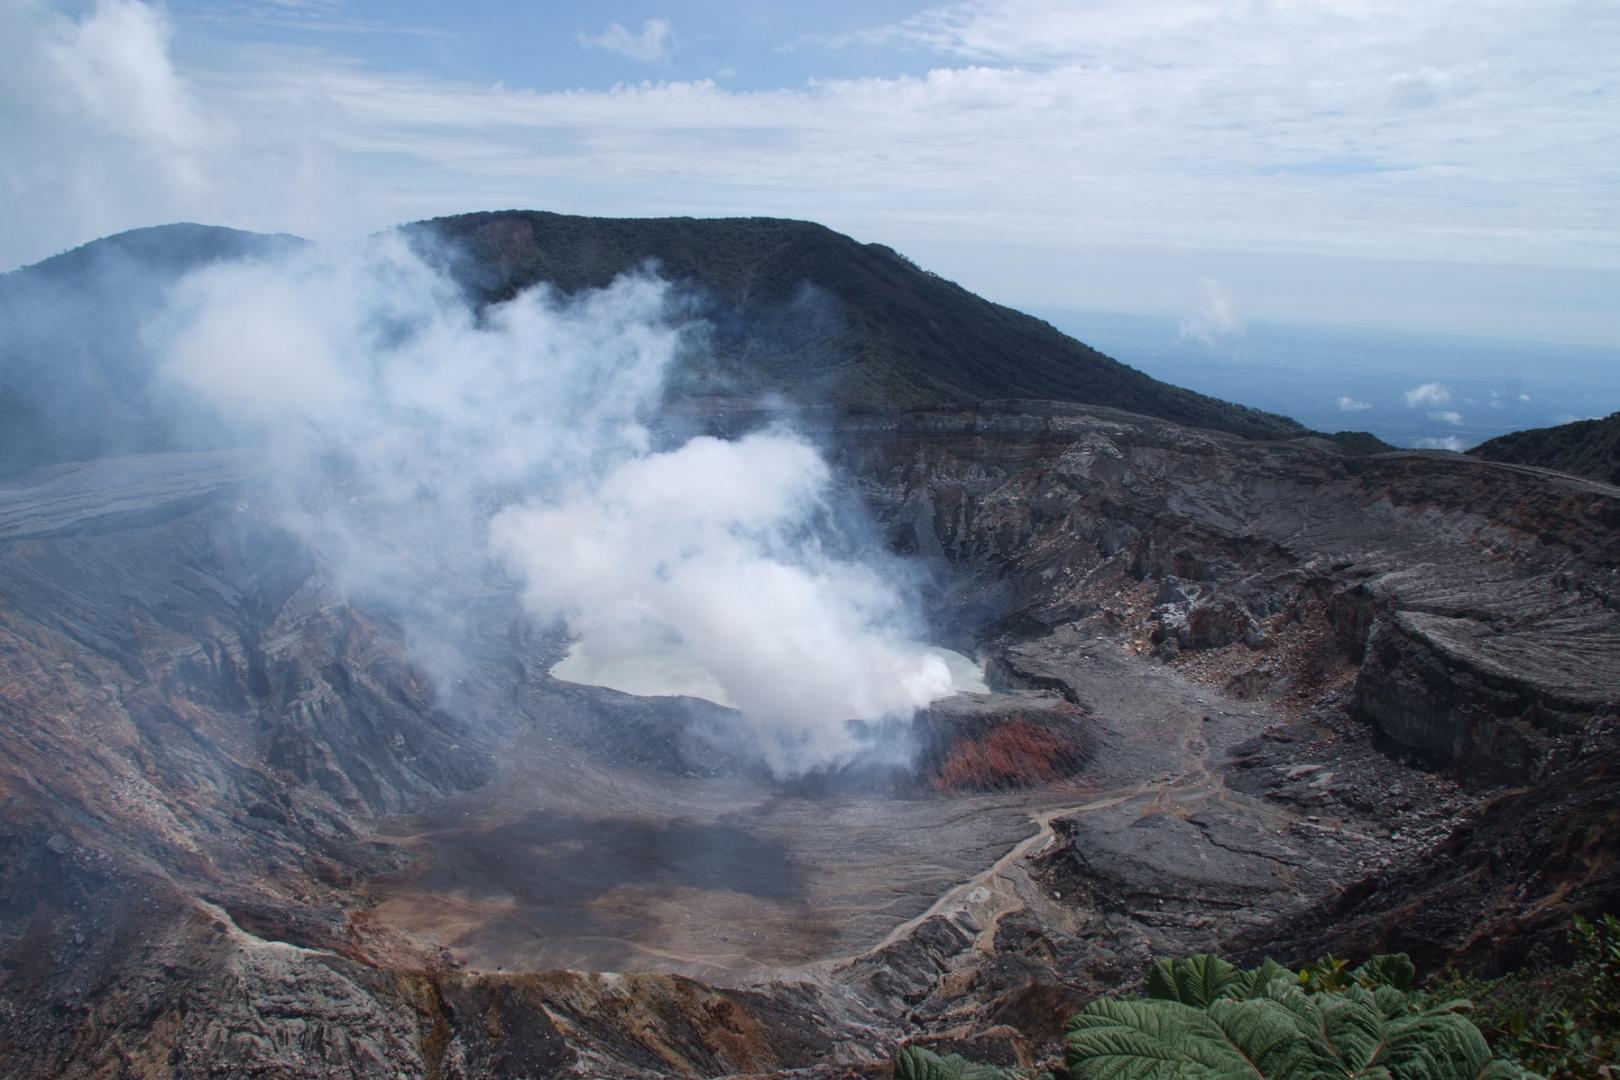 Krater vom Vulkan Poas, Costa Rica